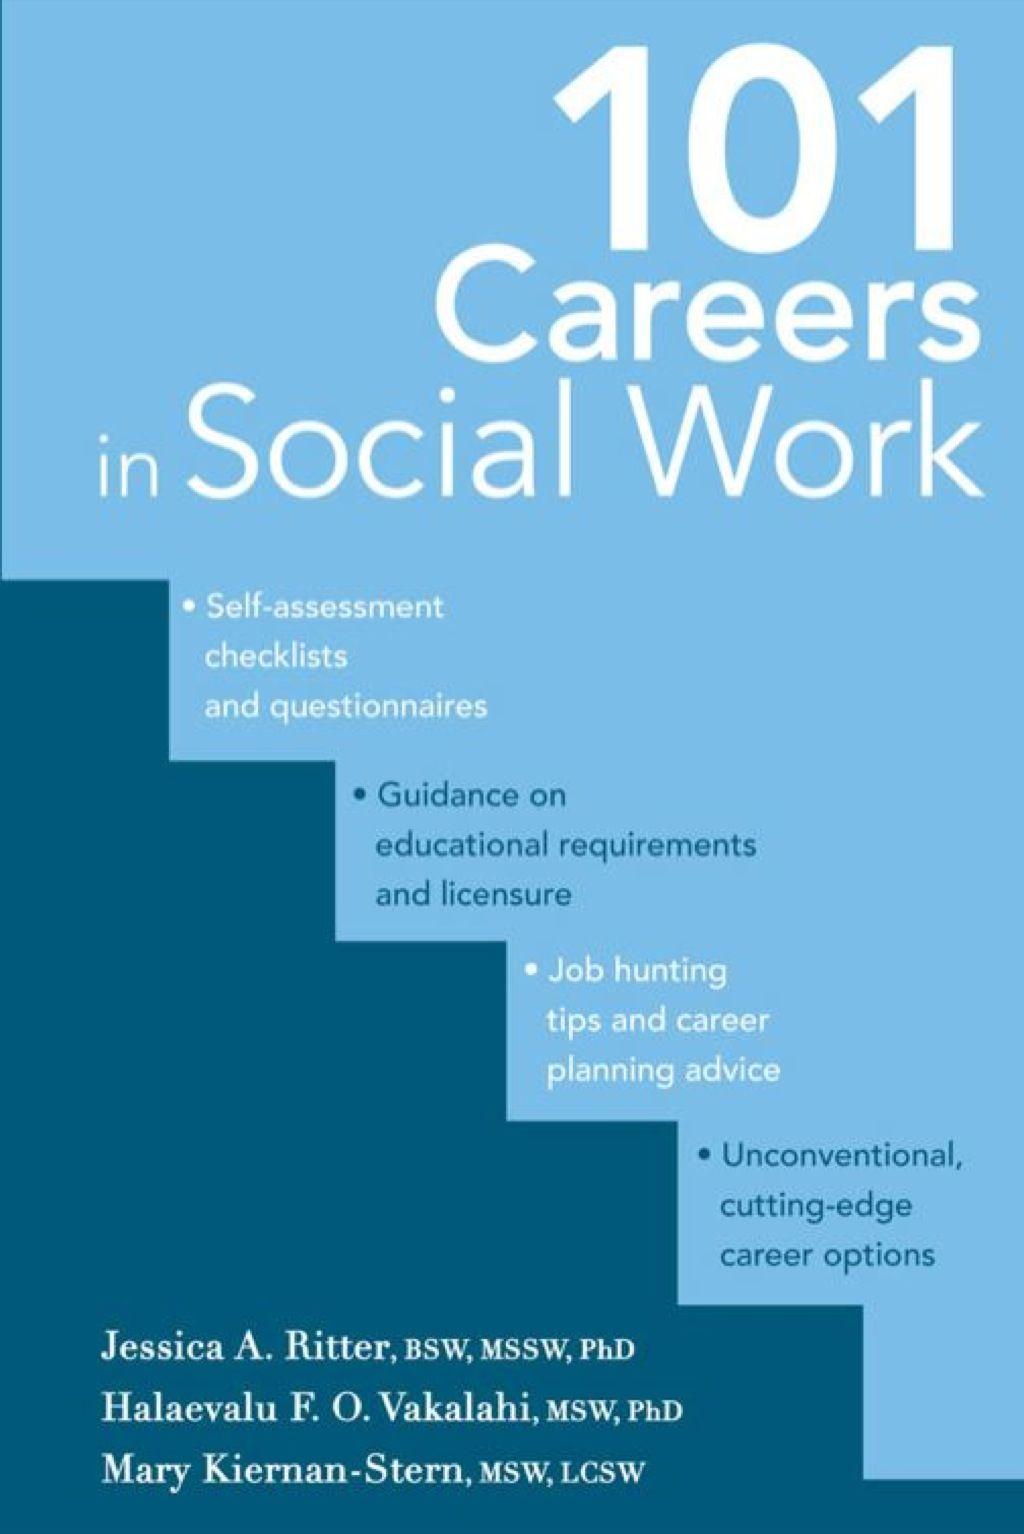 101 Careers in Social Work (eBook Rental) Social work